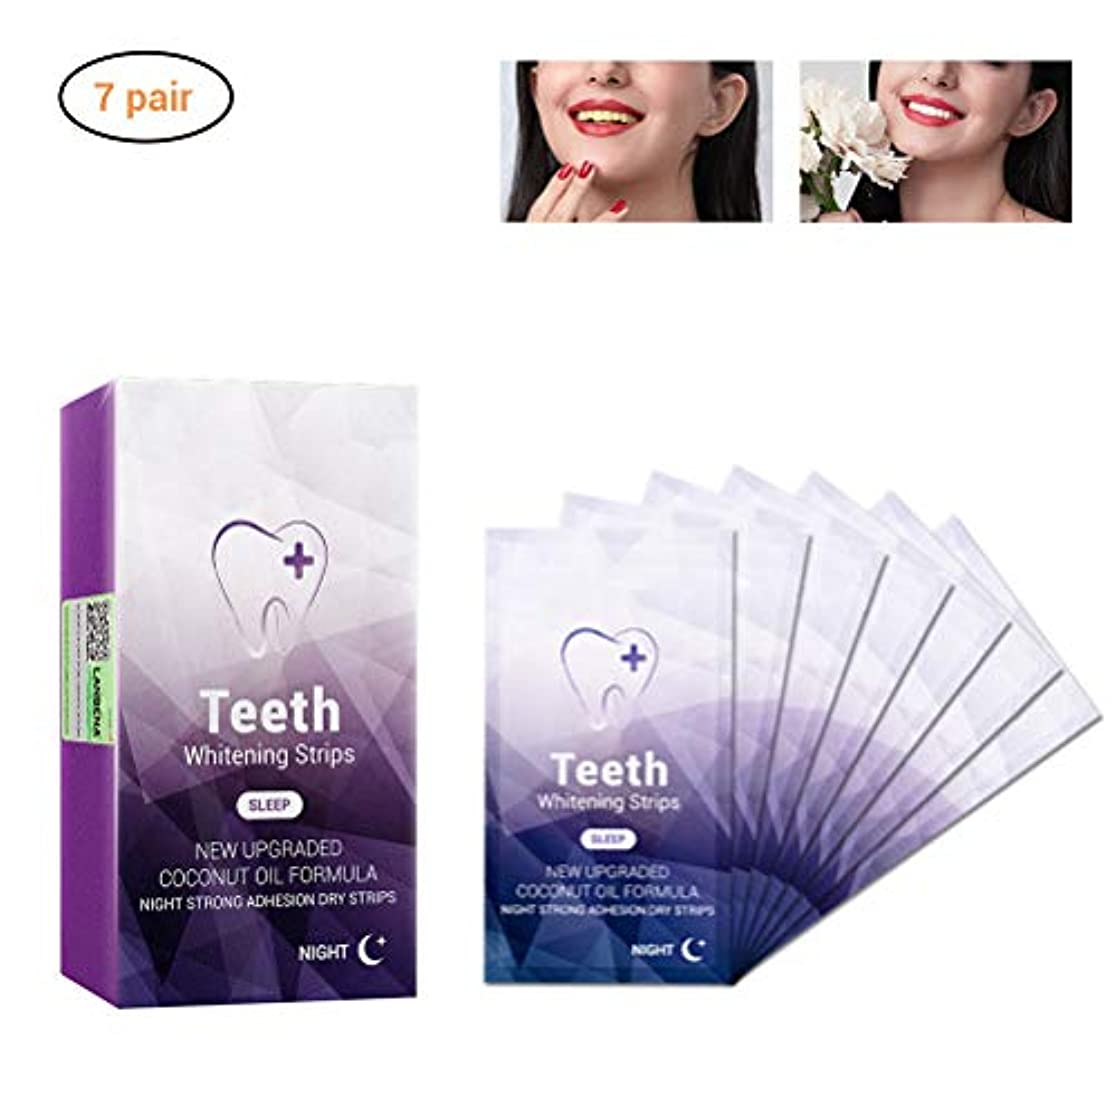 ウイルスメリー含意URHOMY 歯を白くする歯は敏感な歯を漂白しません歯を白くするためのホワイトストリップ(7ペア)